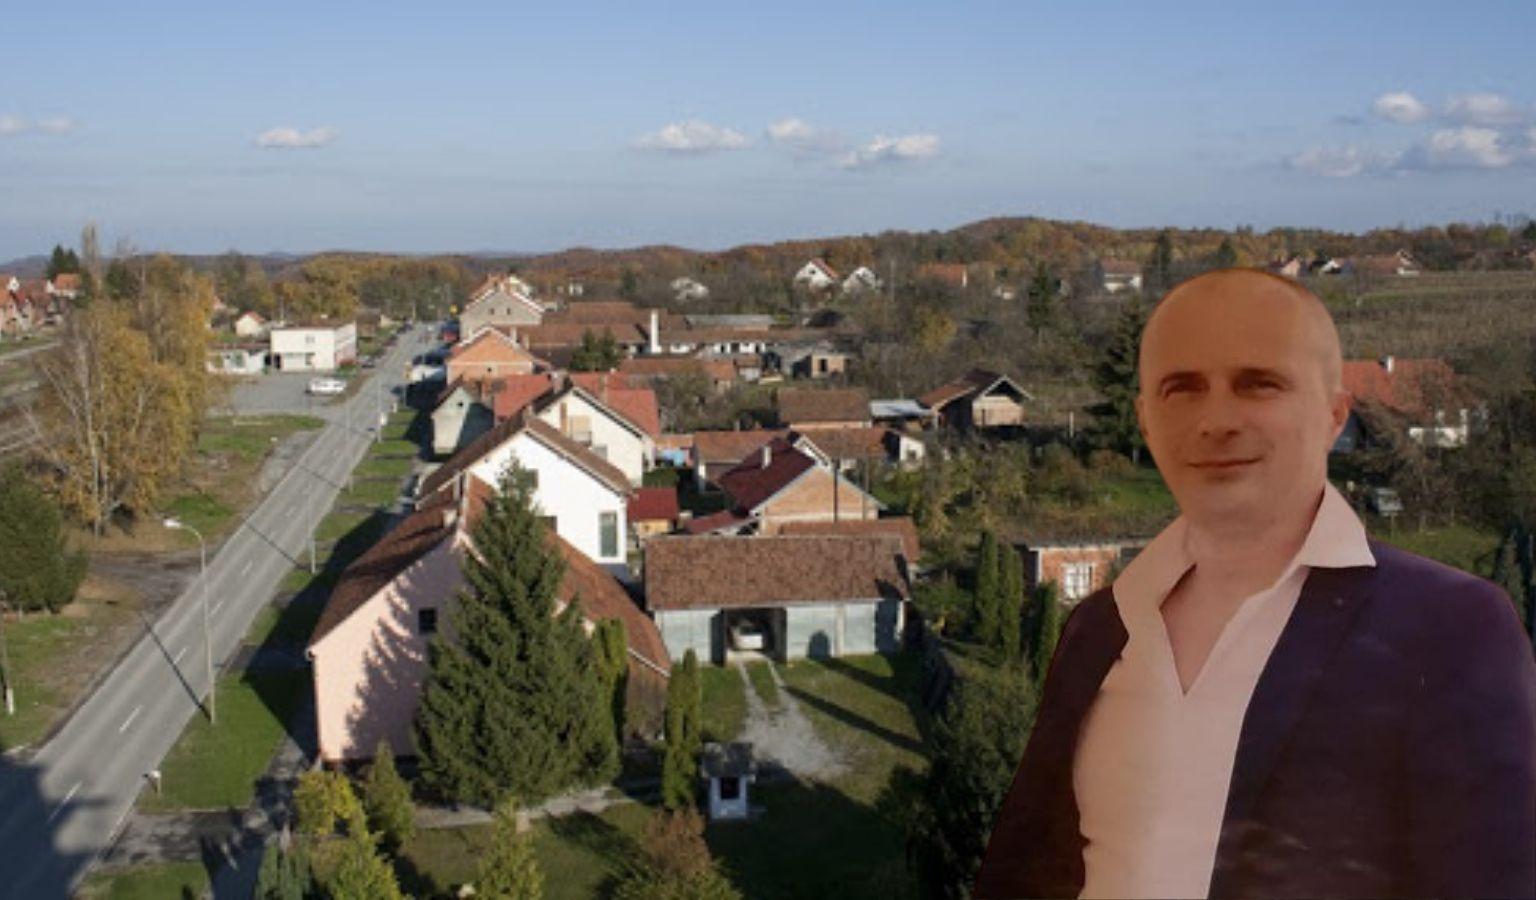 Kolić: Nadam se dobroj suradnji s novim županom, to je nužno zbog ljudi koji su izabrali promjene!